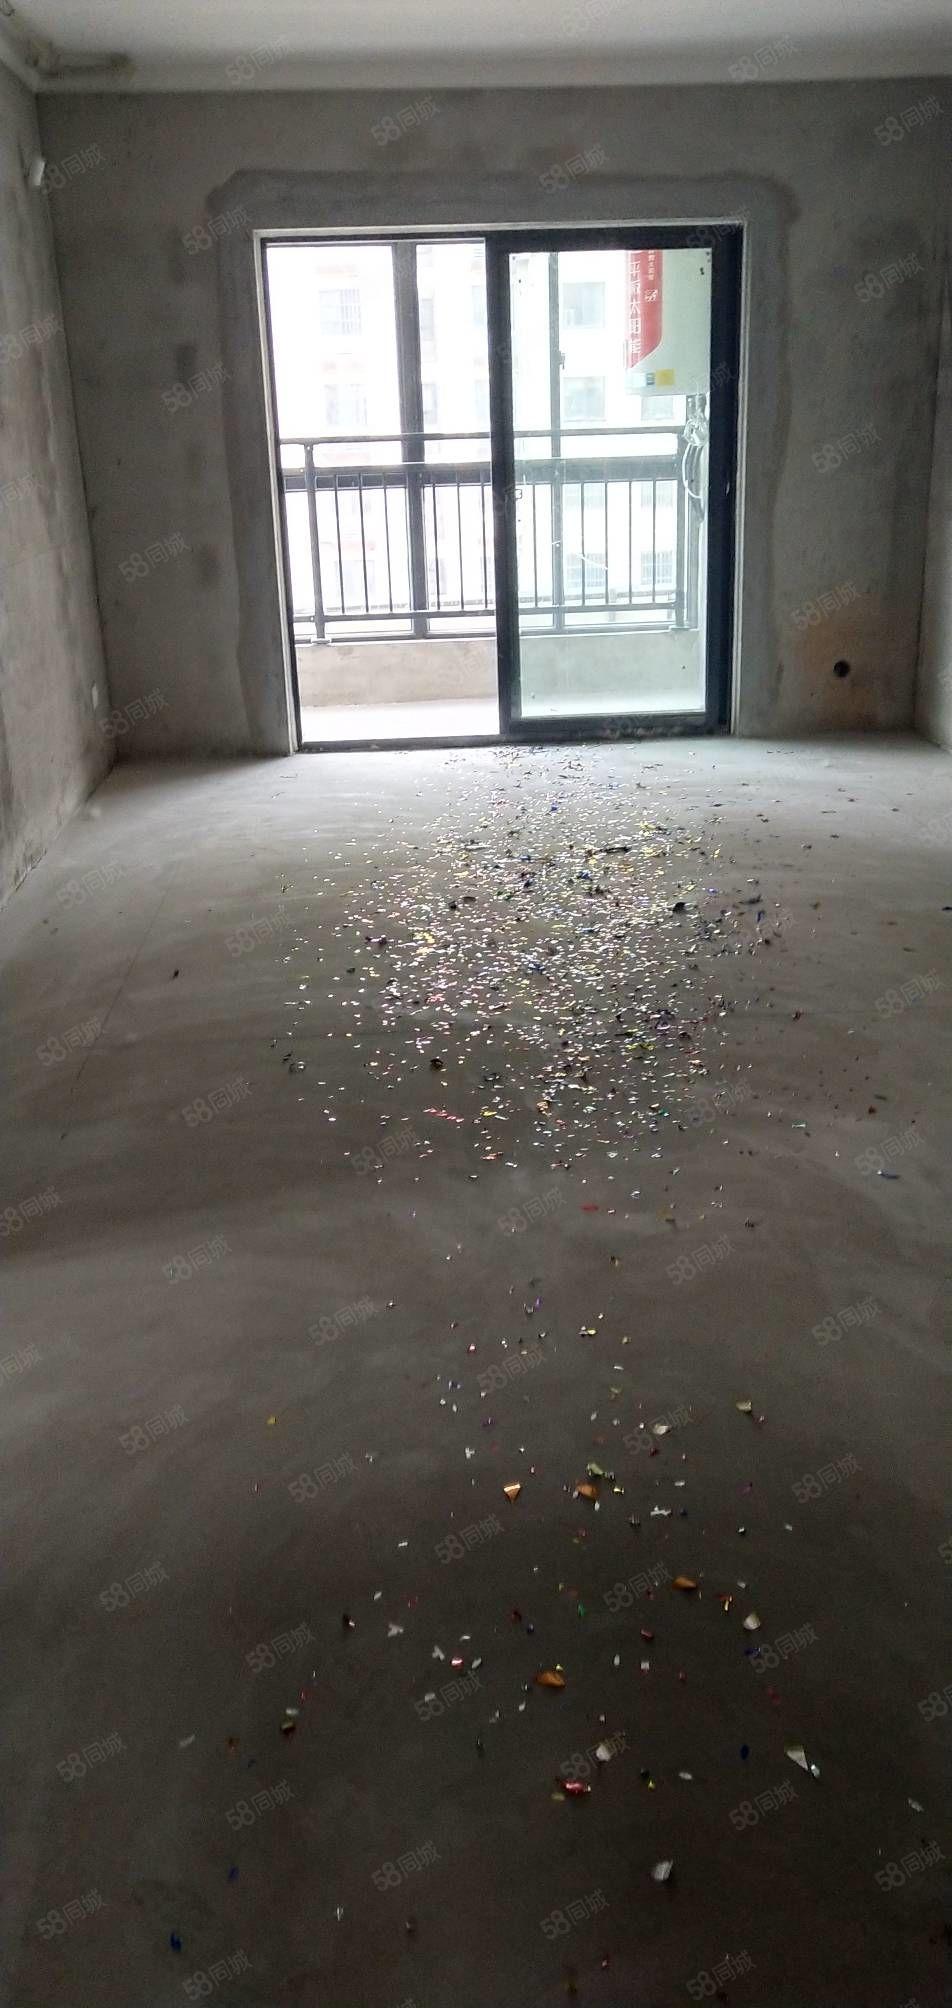 港湾新城5楼100平电梯房毛坯2室2厅1卫南北通透户型好